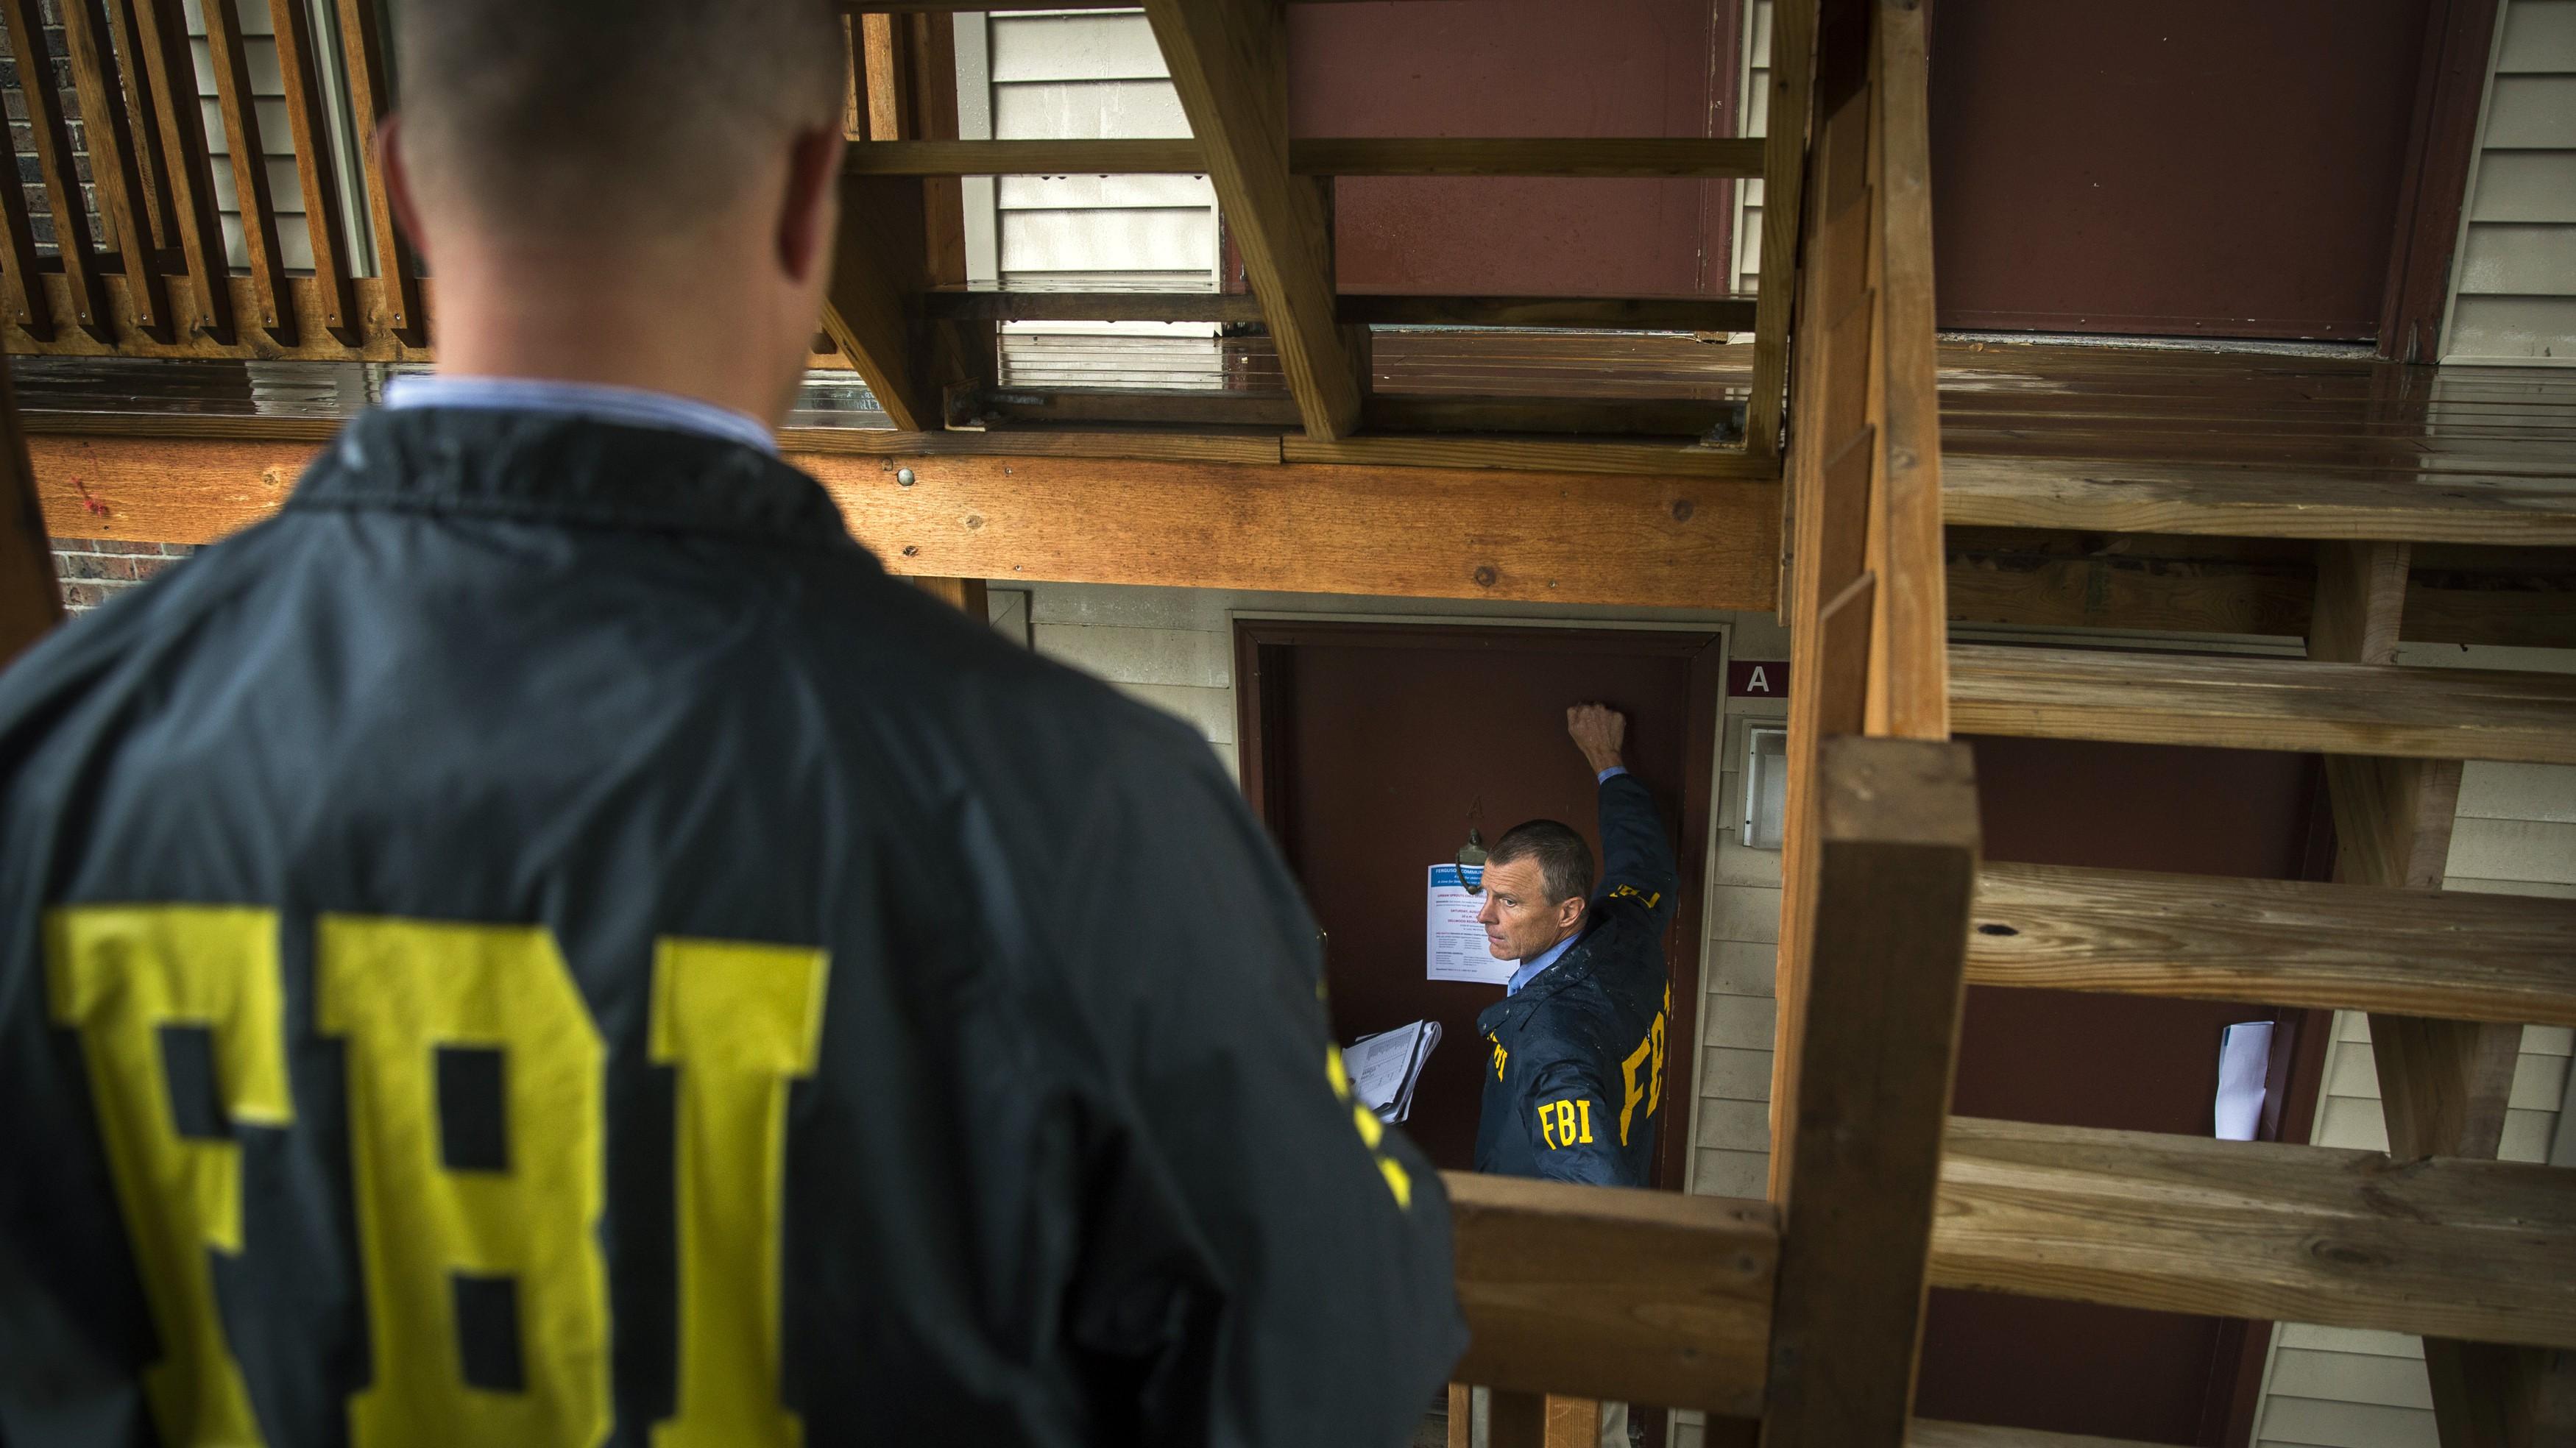 FBI agents knock on a door.